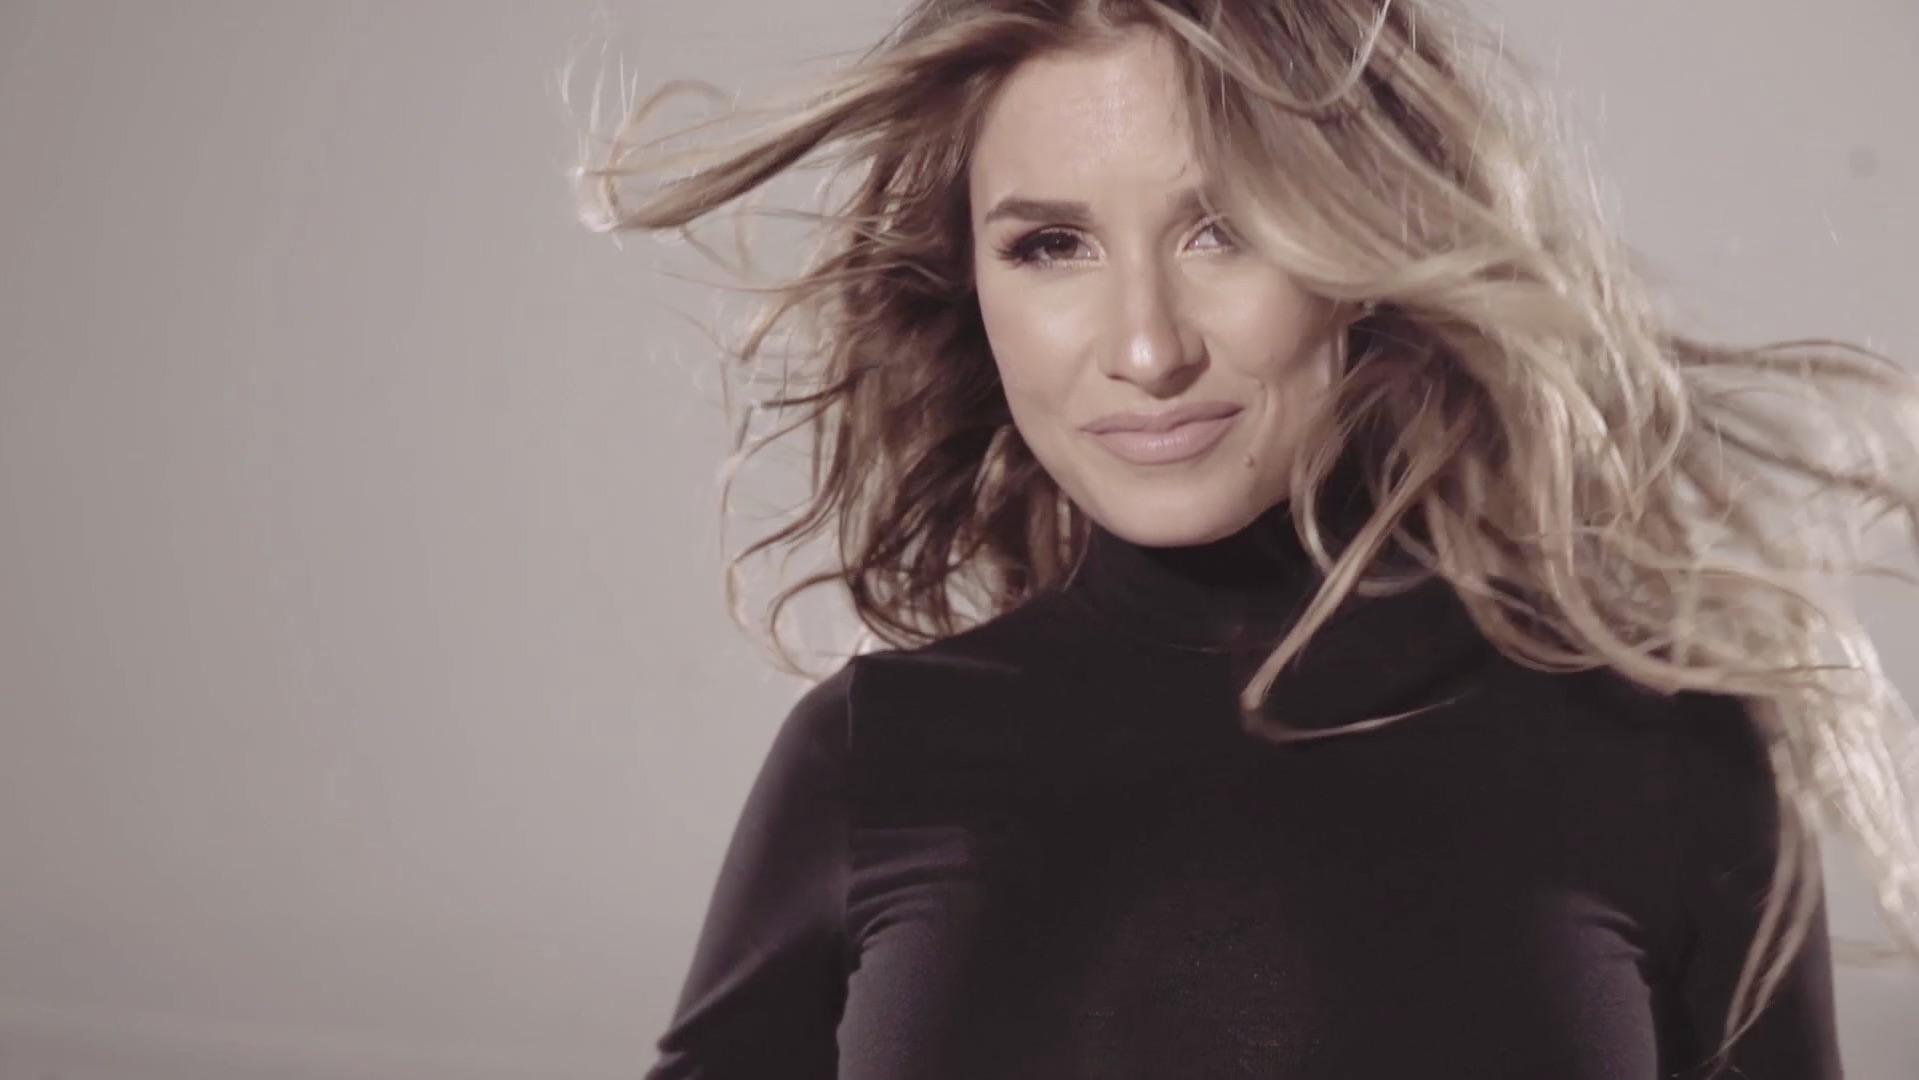 Flip My Hair by Jessie James Decker on Apple Music